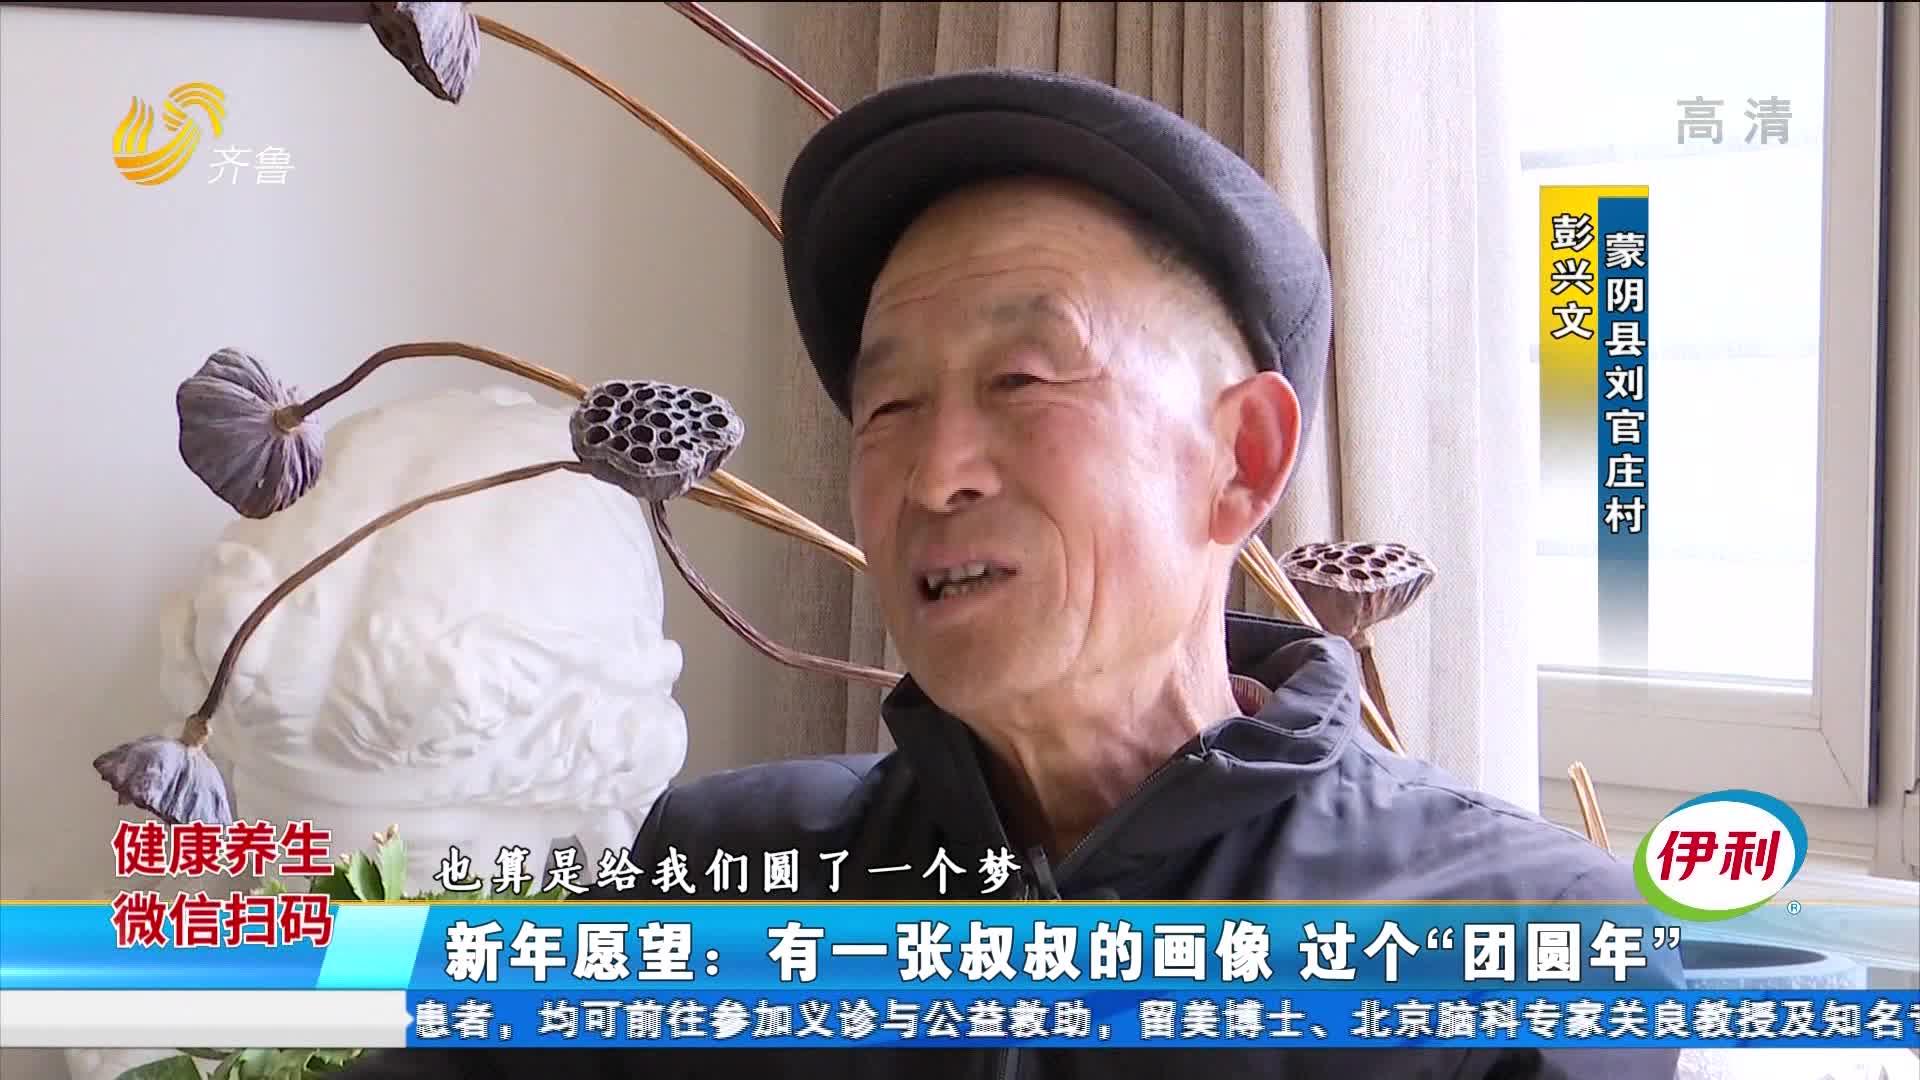 """新年愿望:有一张叔叔的画像 过个""""团圆年"""""""